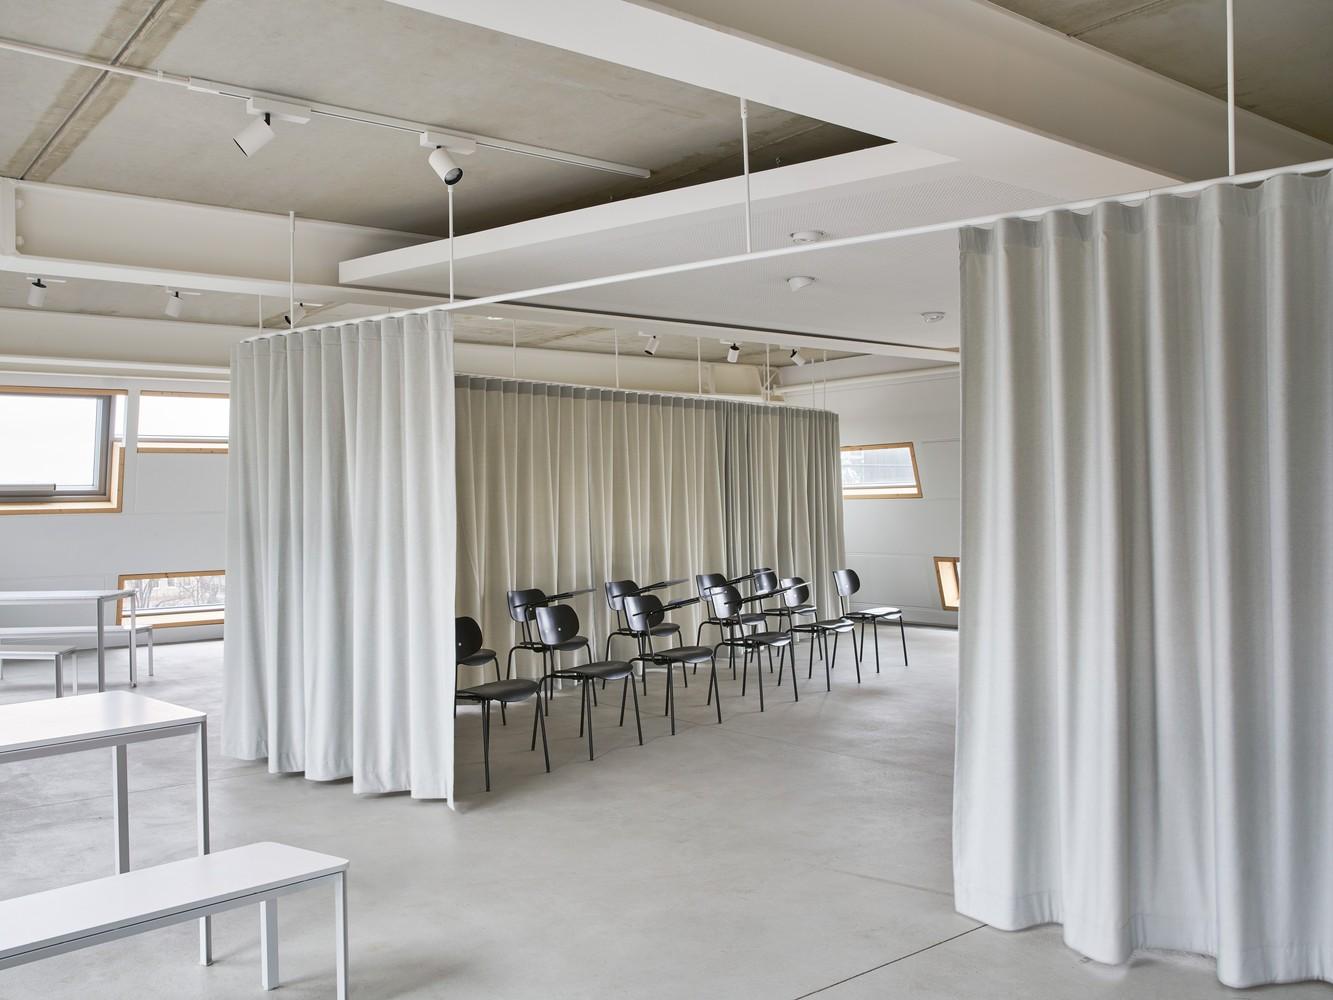 Tendencias en diseño y construcción del 2020: Lo recurrente, popular, relevante y sustancial,Industry & Leisure Multifunctional Spaces / Gustav Düsing. Image © Johannes Förster